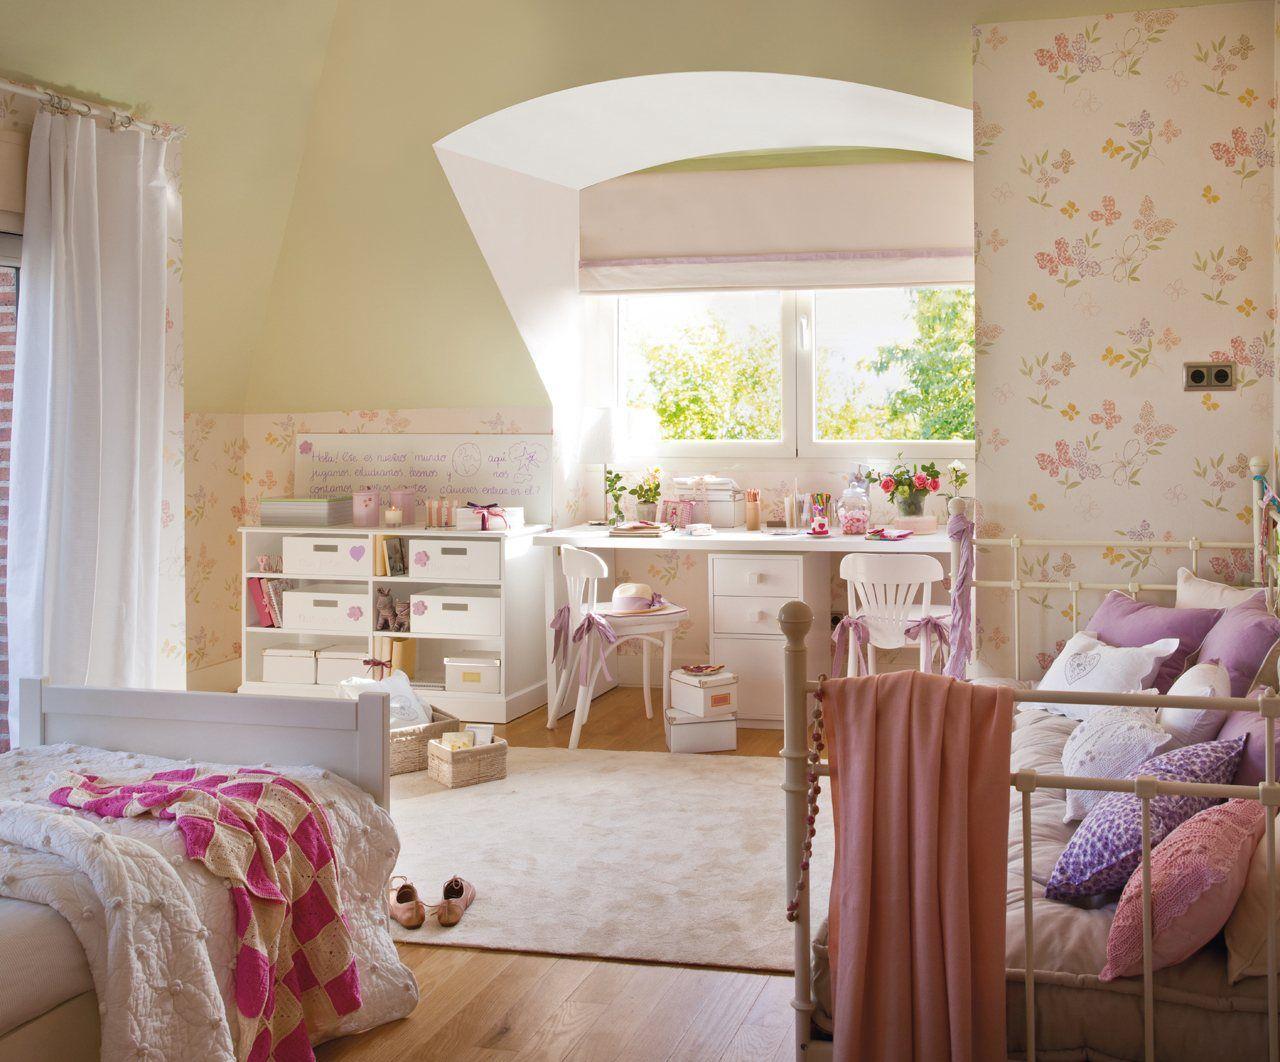 10 cuartos de ni os renovados por el mueble especiales cuartos de ni os - El mueble habitaciones infantiles ...